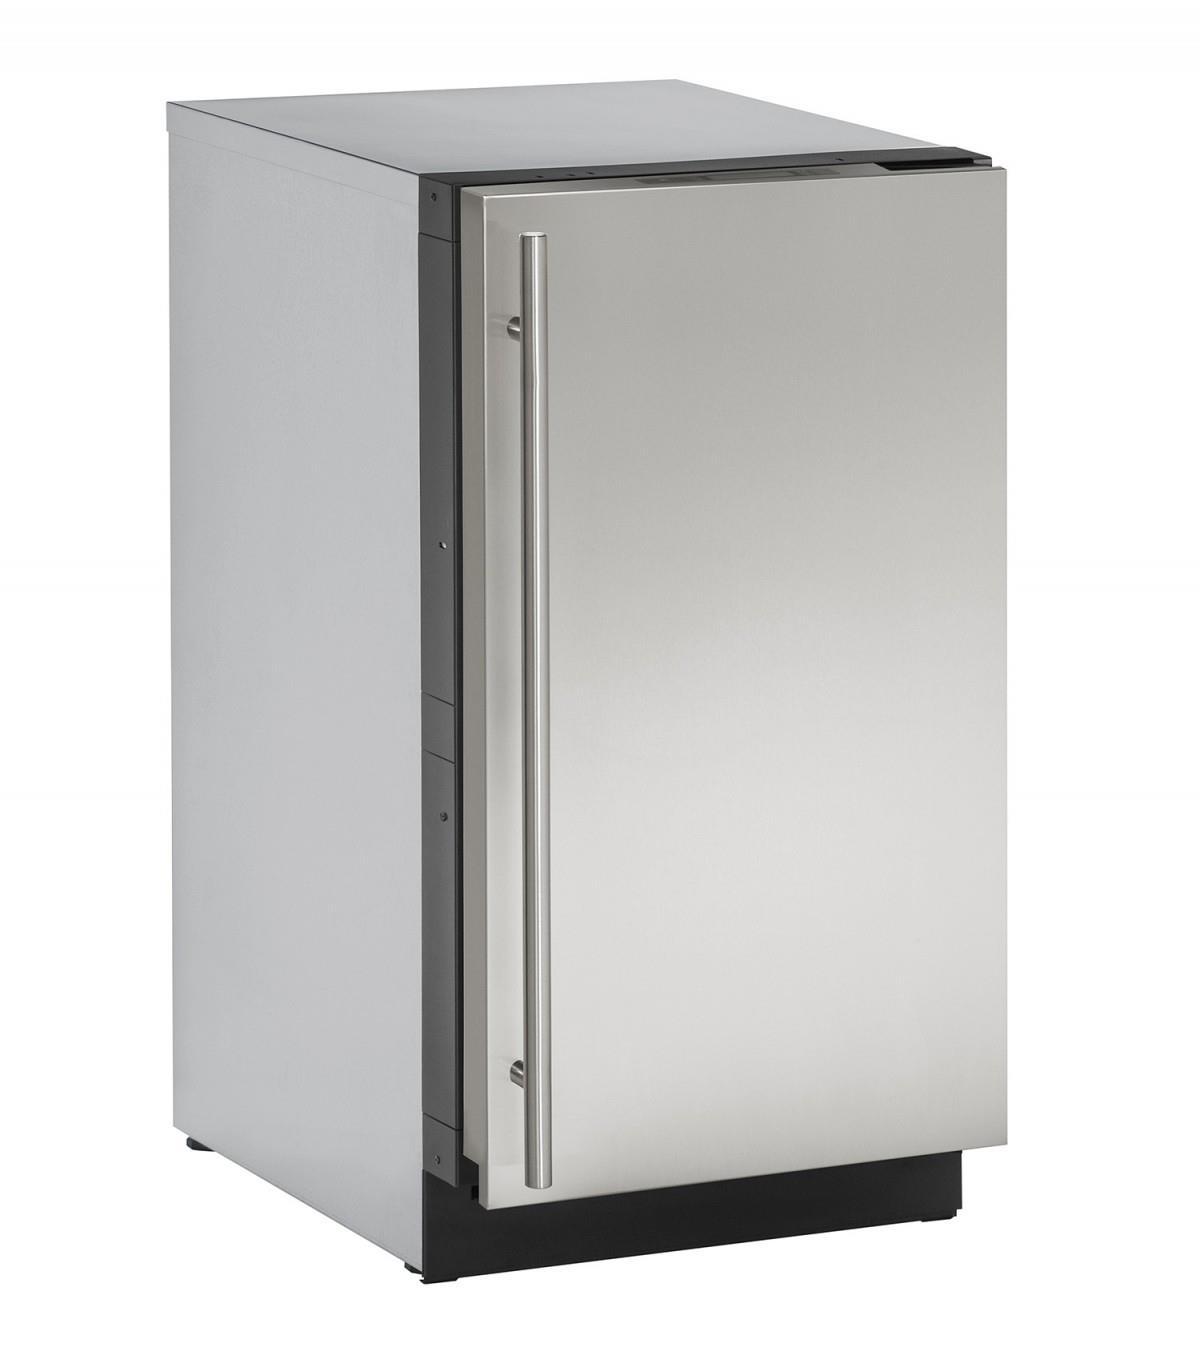 """U-Line Ice Maker 18"""" Built-in Clear Ice Machine - Item Number: U-3018CLRS-00A"""